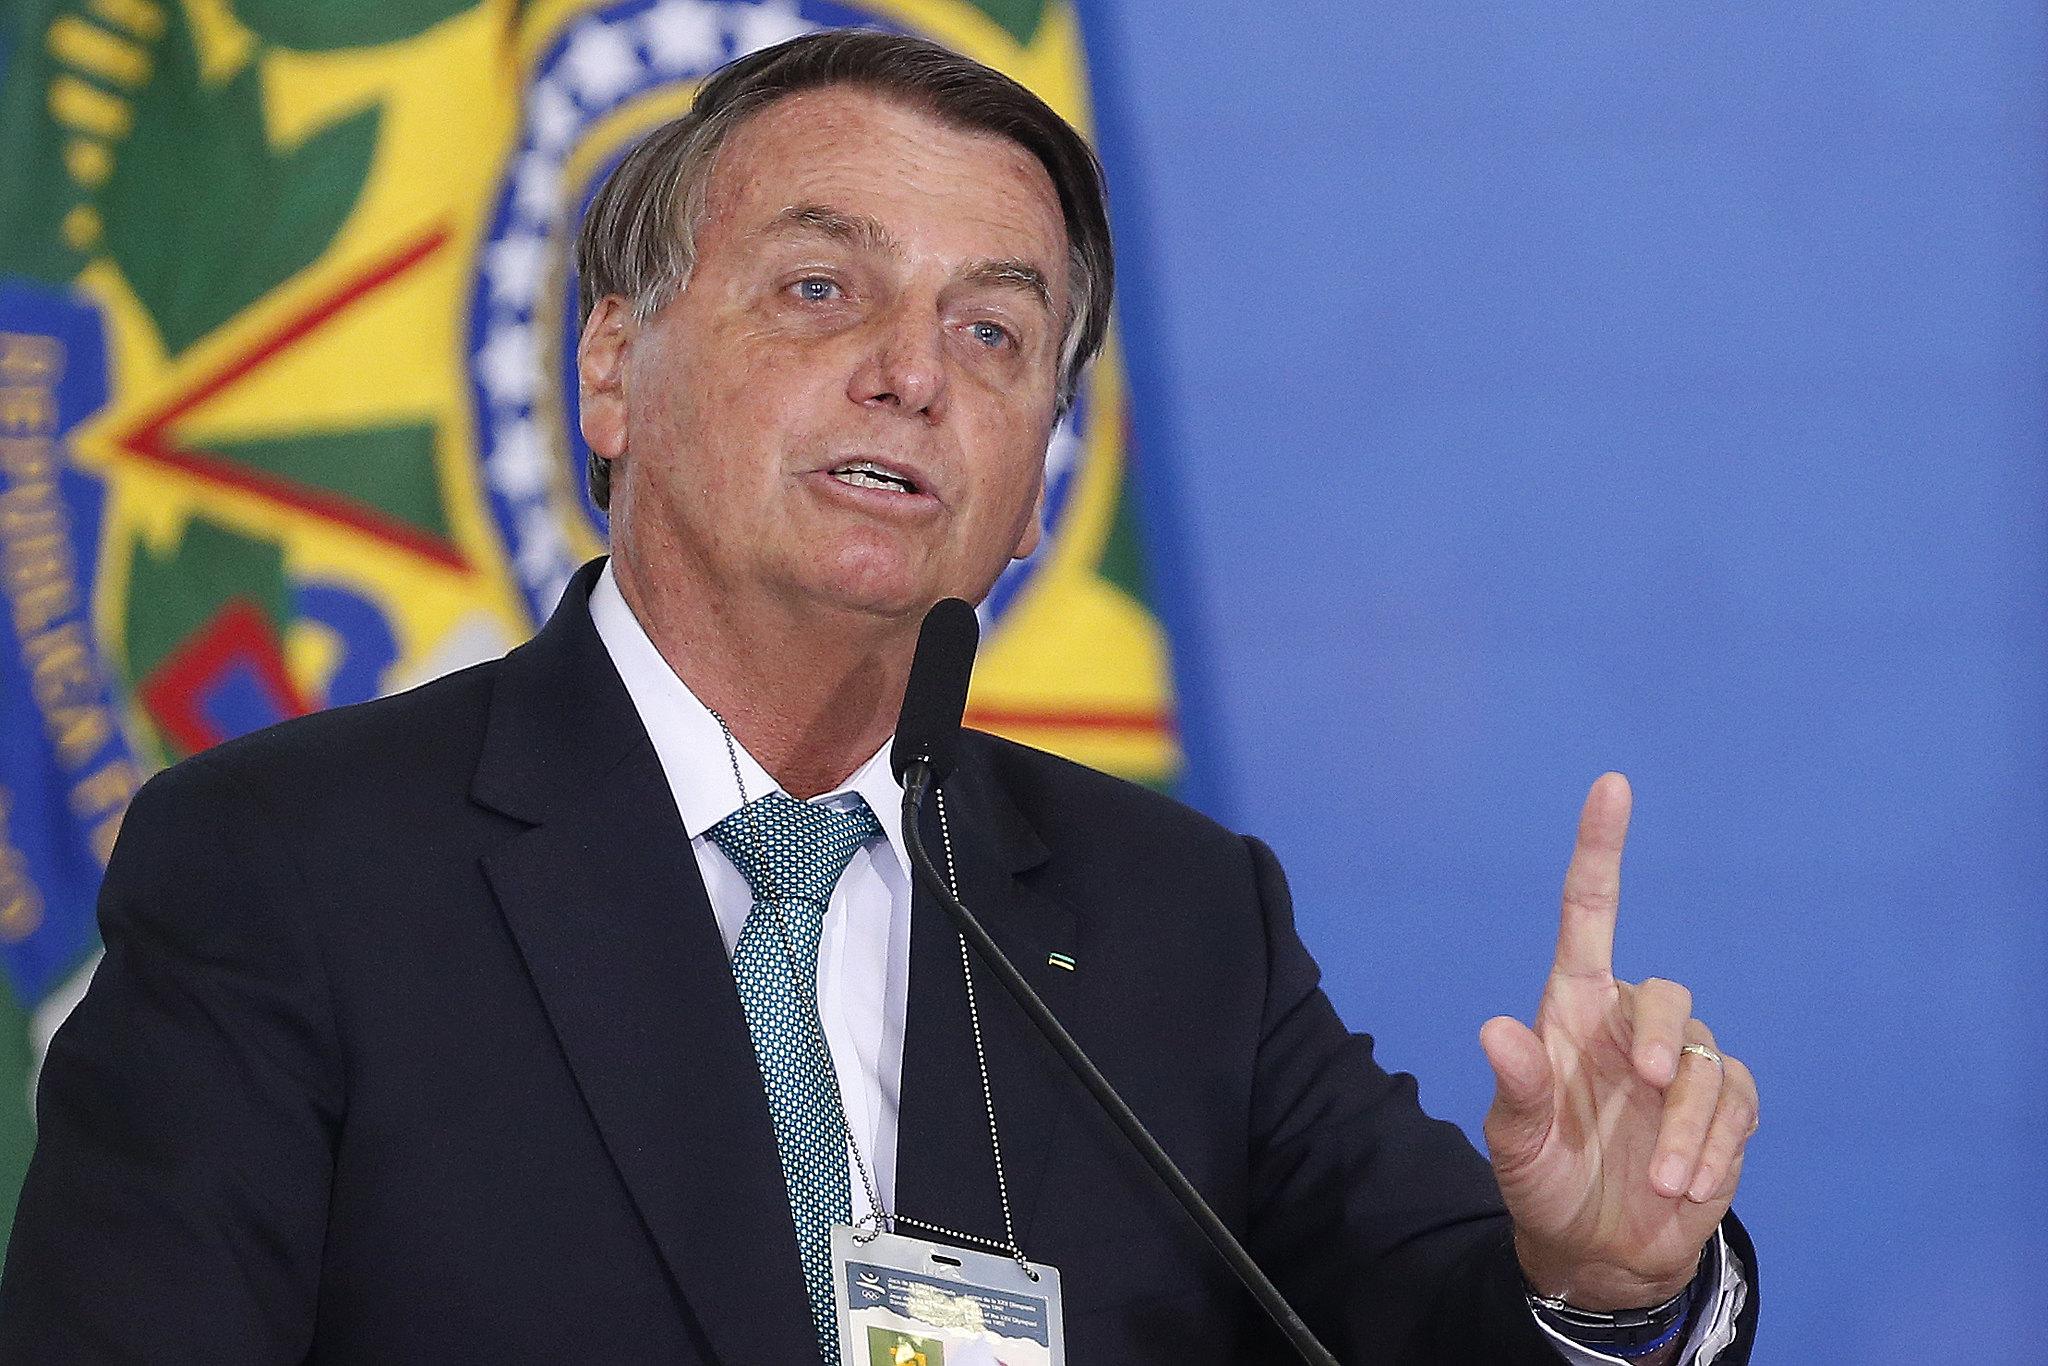 IMAGEM: Decreto de Bolsonaro libera militares da ativa no governo por tempo indeterminado